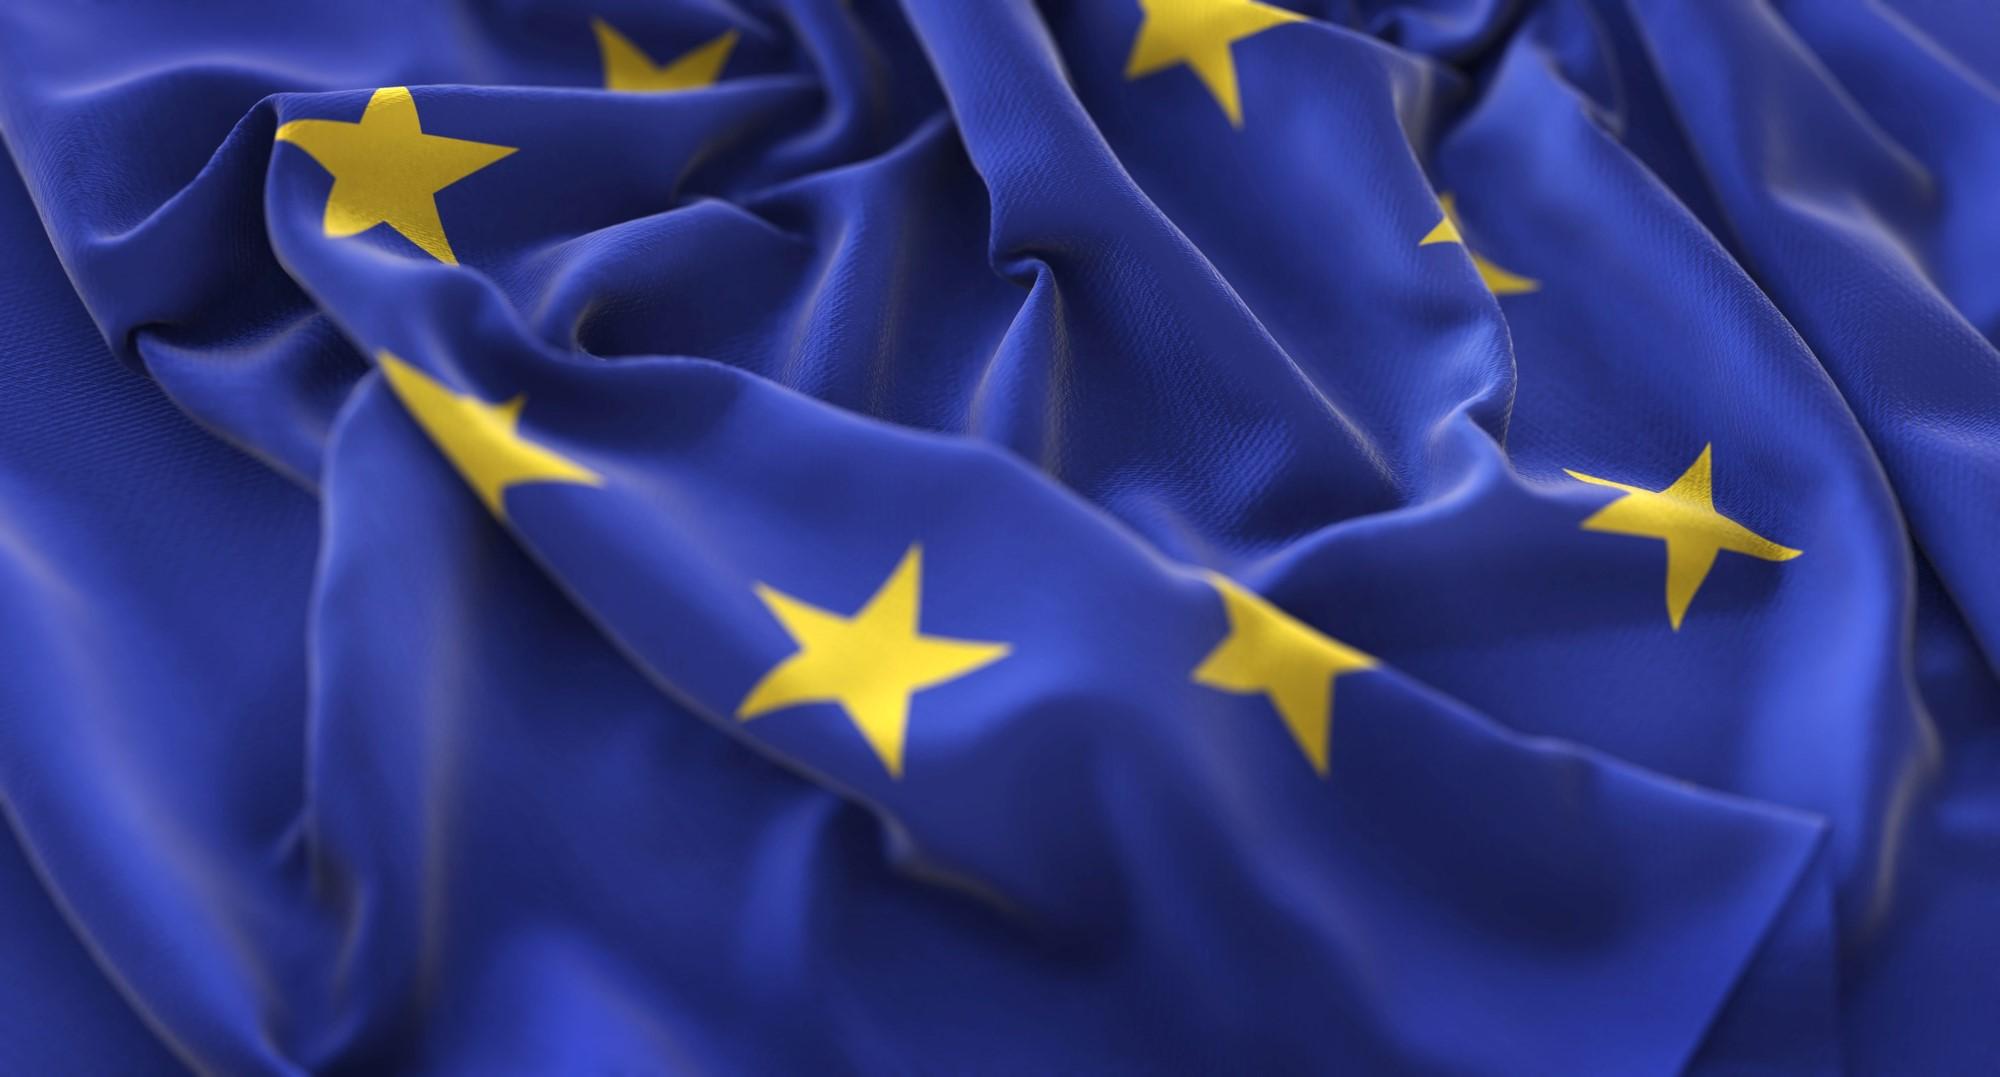 Pomoc publiczna: Komisja Europejska przedłuża dotychczasowe zasady